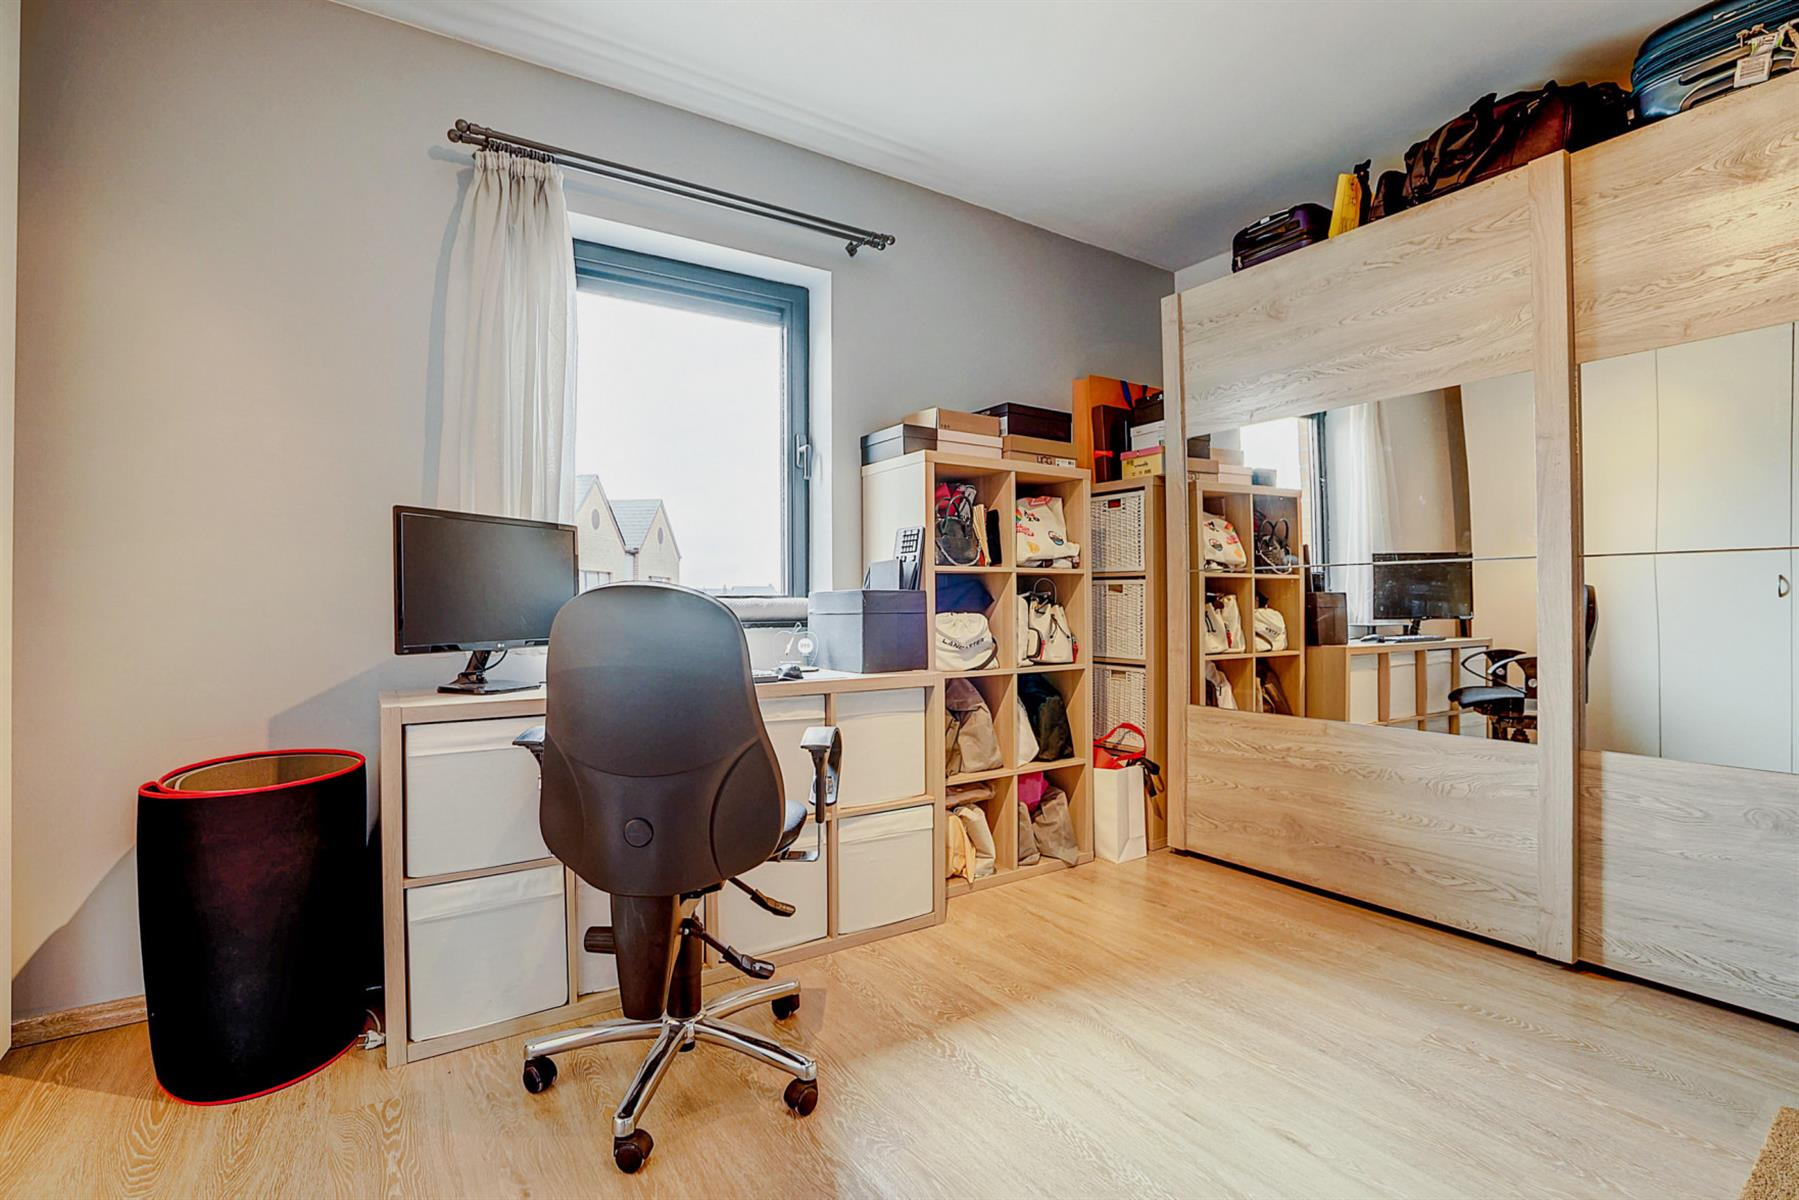 Appartement - Ottignies-louvain-la-neuve - #4505964-16